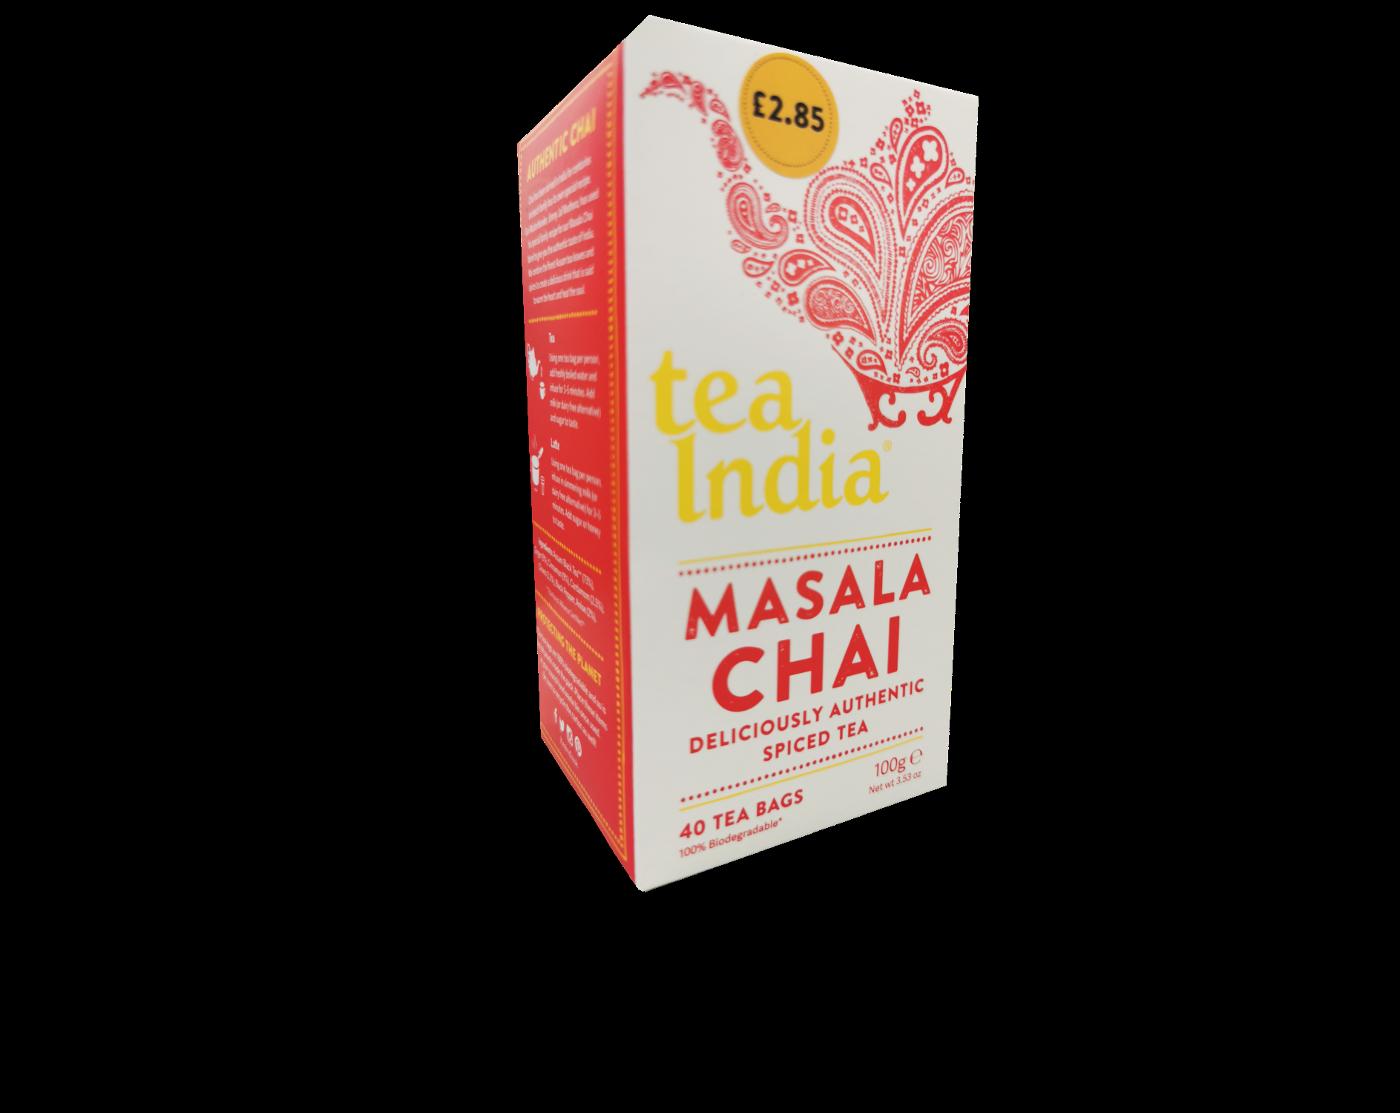 Tea India Masala Chai